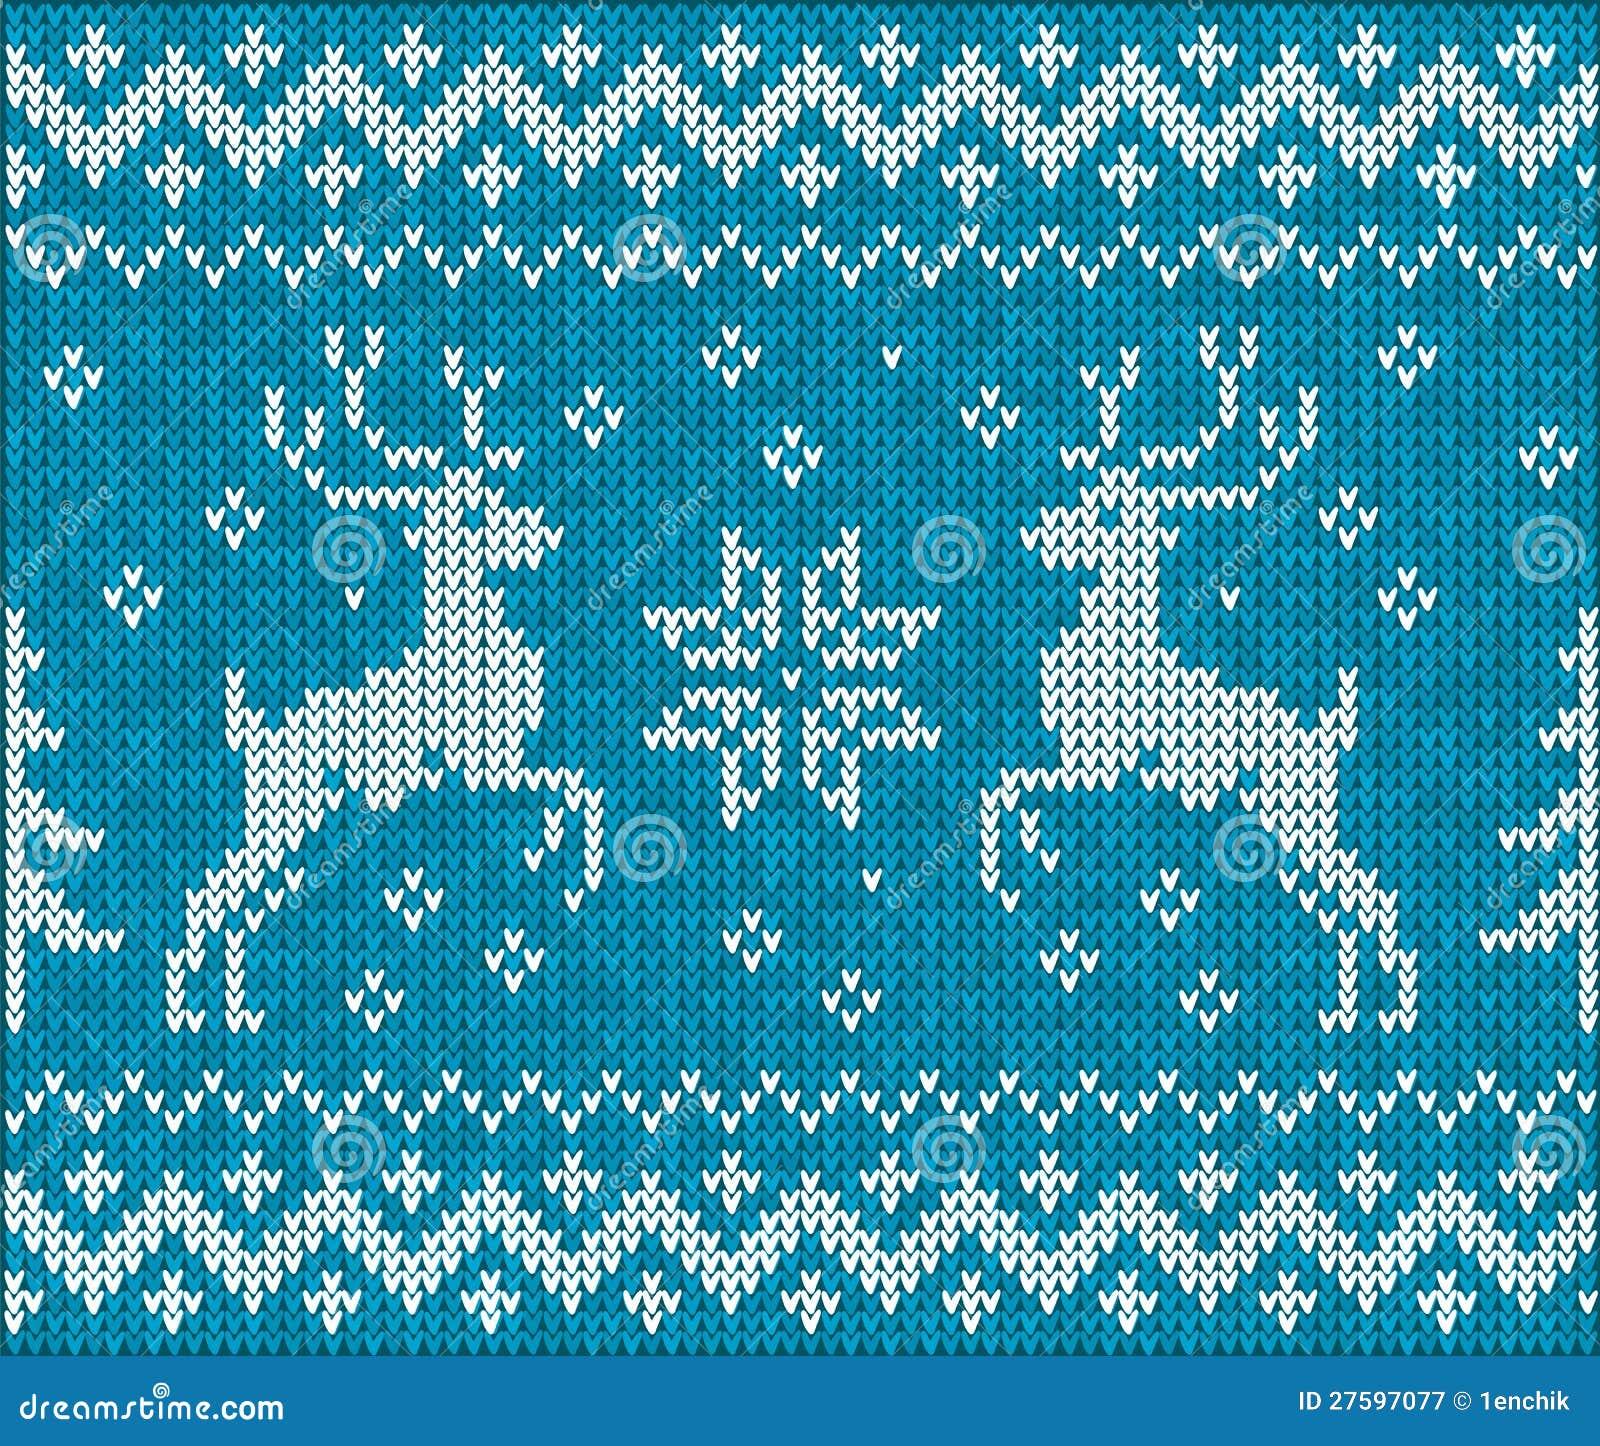 Якубовская вышить оленя на вязанном свитере автобусних маршрутів